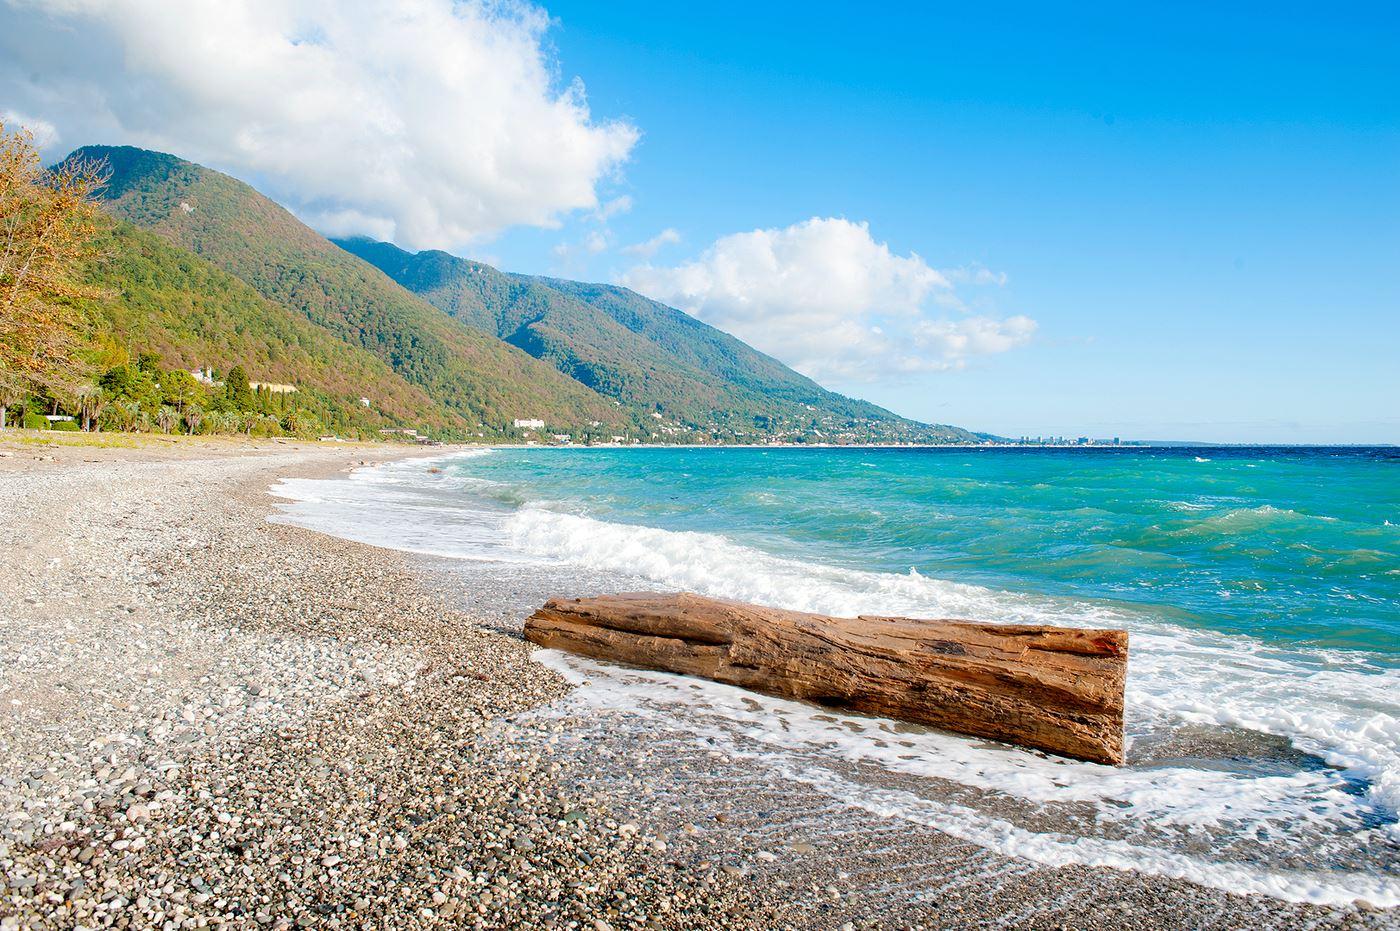 Картинки абхазия море